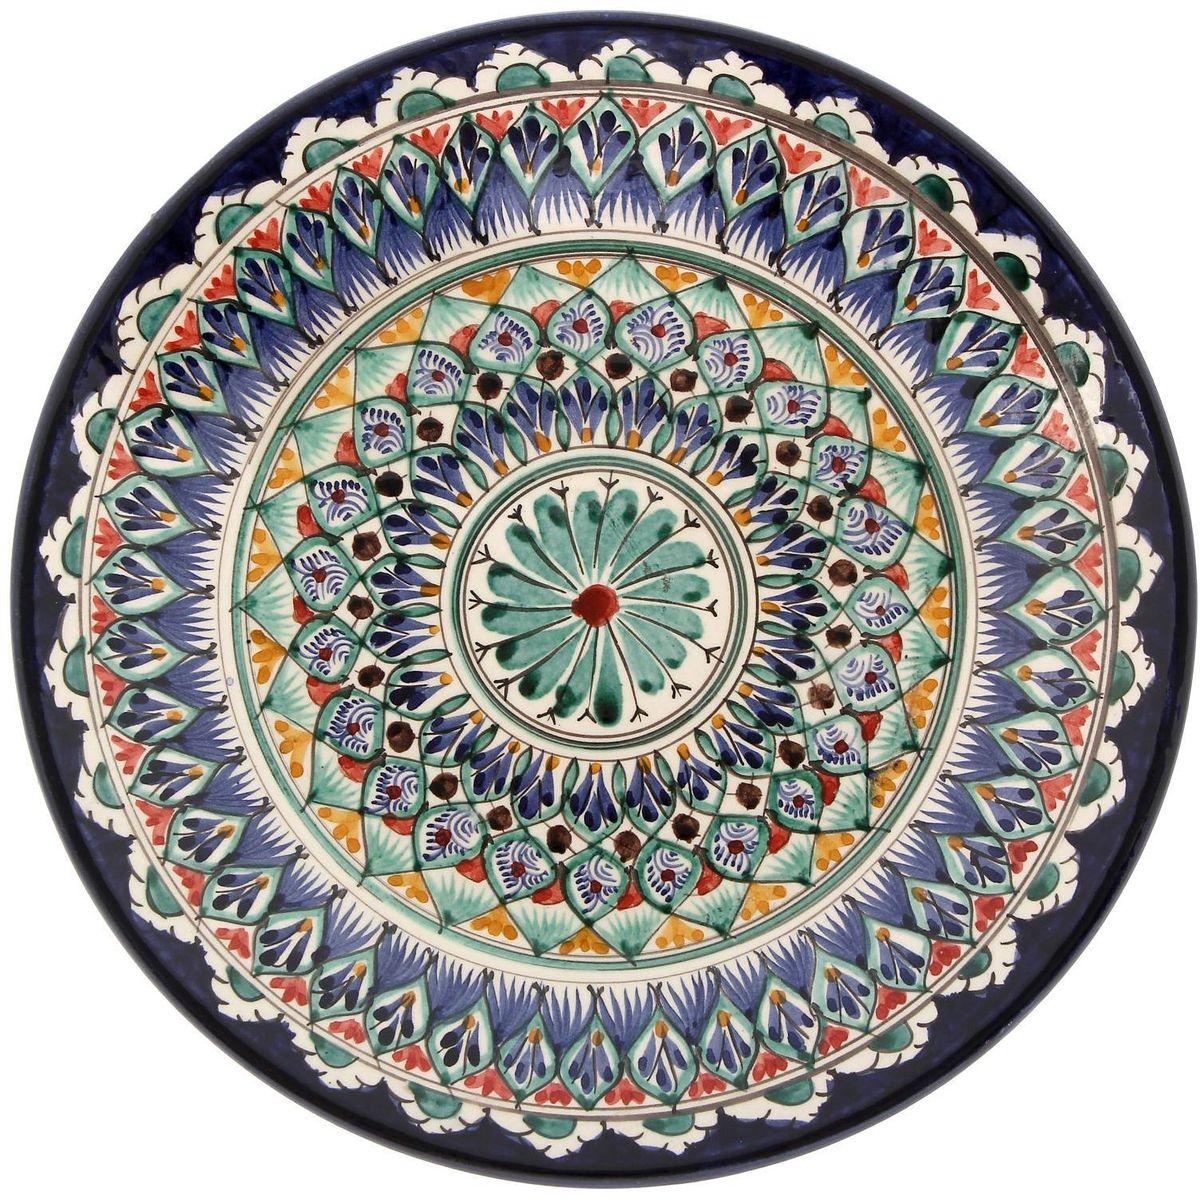 Тарелка Риштанская керамика, диаметр 25 см. 21580042158004Узбекская посуда известна всему миру уже более тысячи лет. Ей любовались царские особы, на ней подавали еду шейхам и знатным персонам. Формула глазури передаётся из поколения в поколение. По сей день качественные изделия продолжают восхищать своей идеальной формой.Данный предмет подойдёт для повседневной и праздничной сервировки. Дополните стол текстилем и салфетками в тон, чтобы получить элегантное убранство с яркими акцентами.